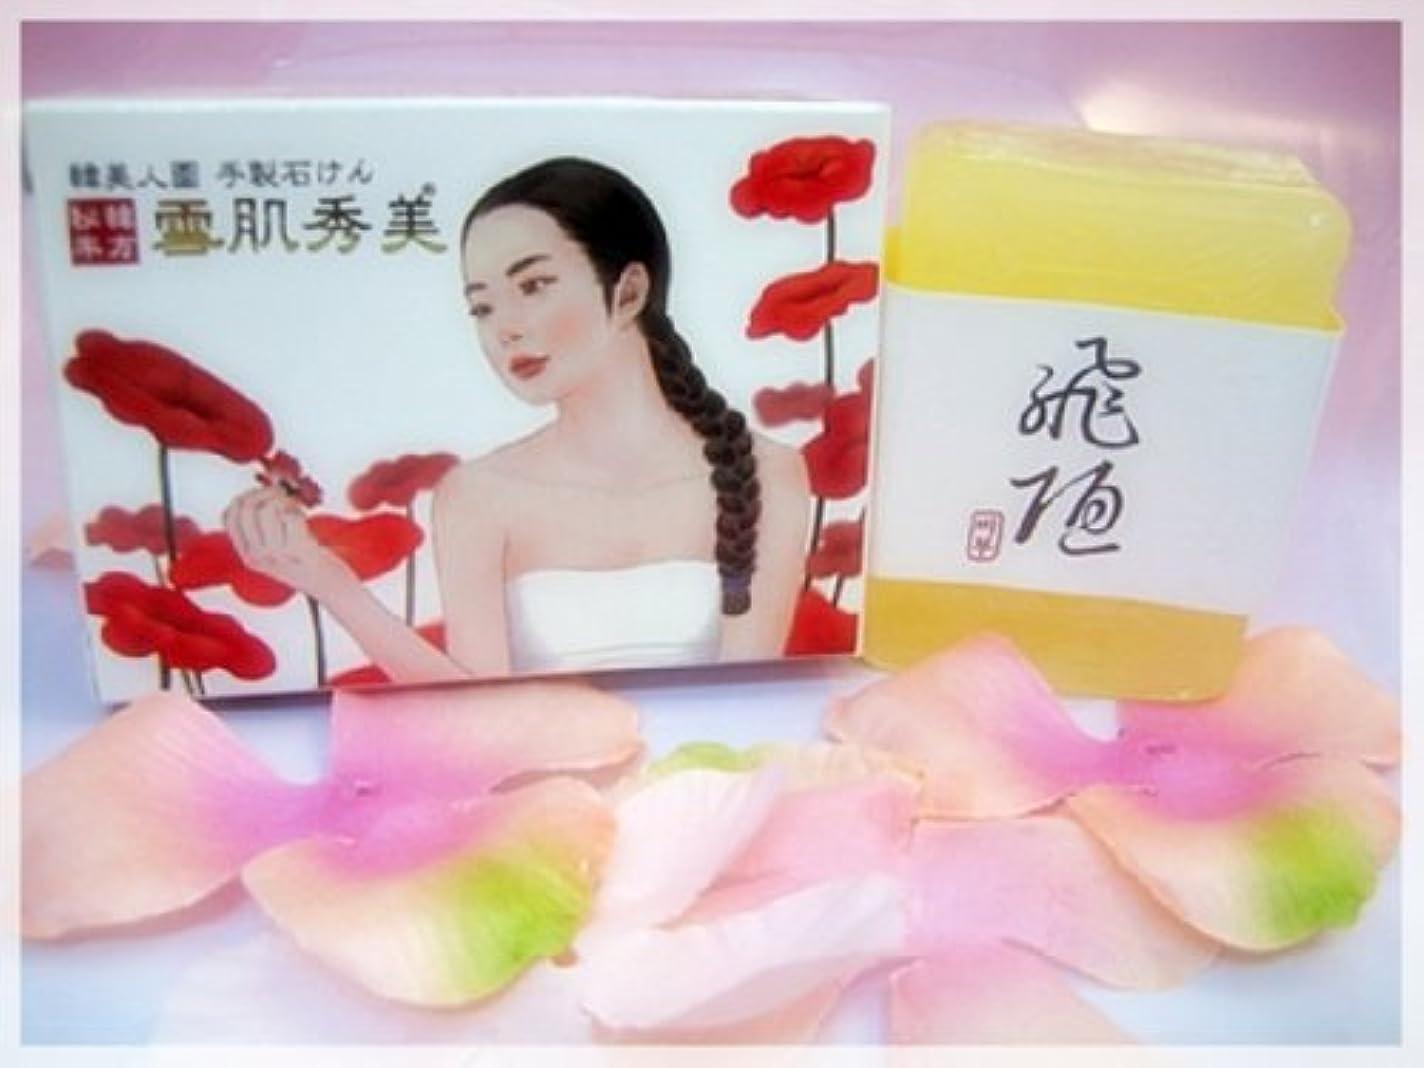 枯渇見る人抜本的な韓国化粧品飛陋(ピル)石鹸 トラブル防止タイプ 情熱